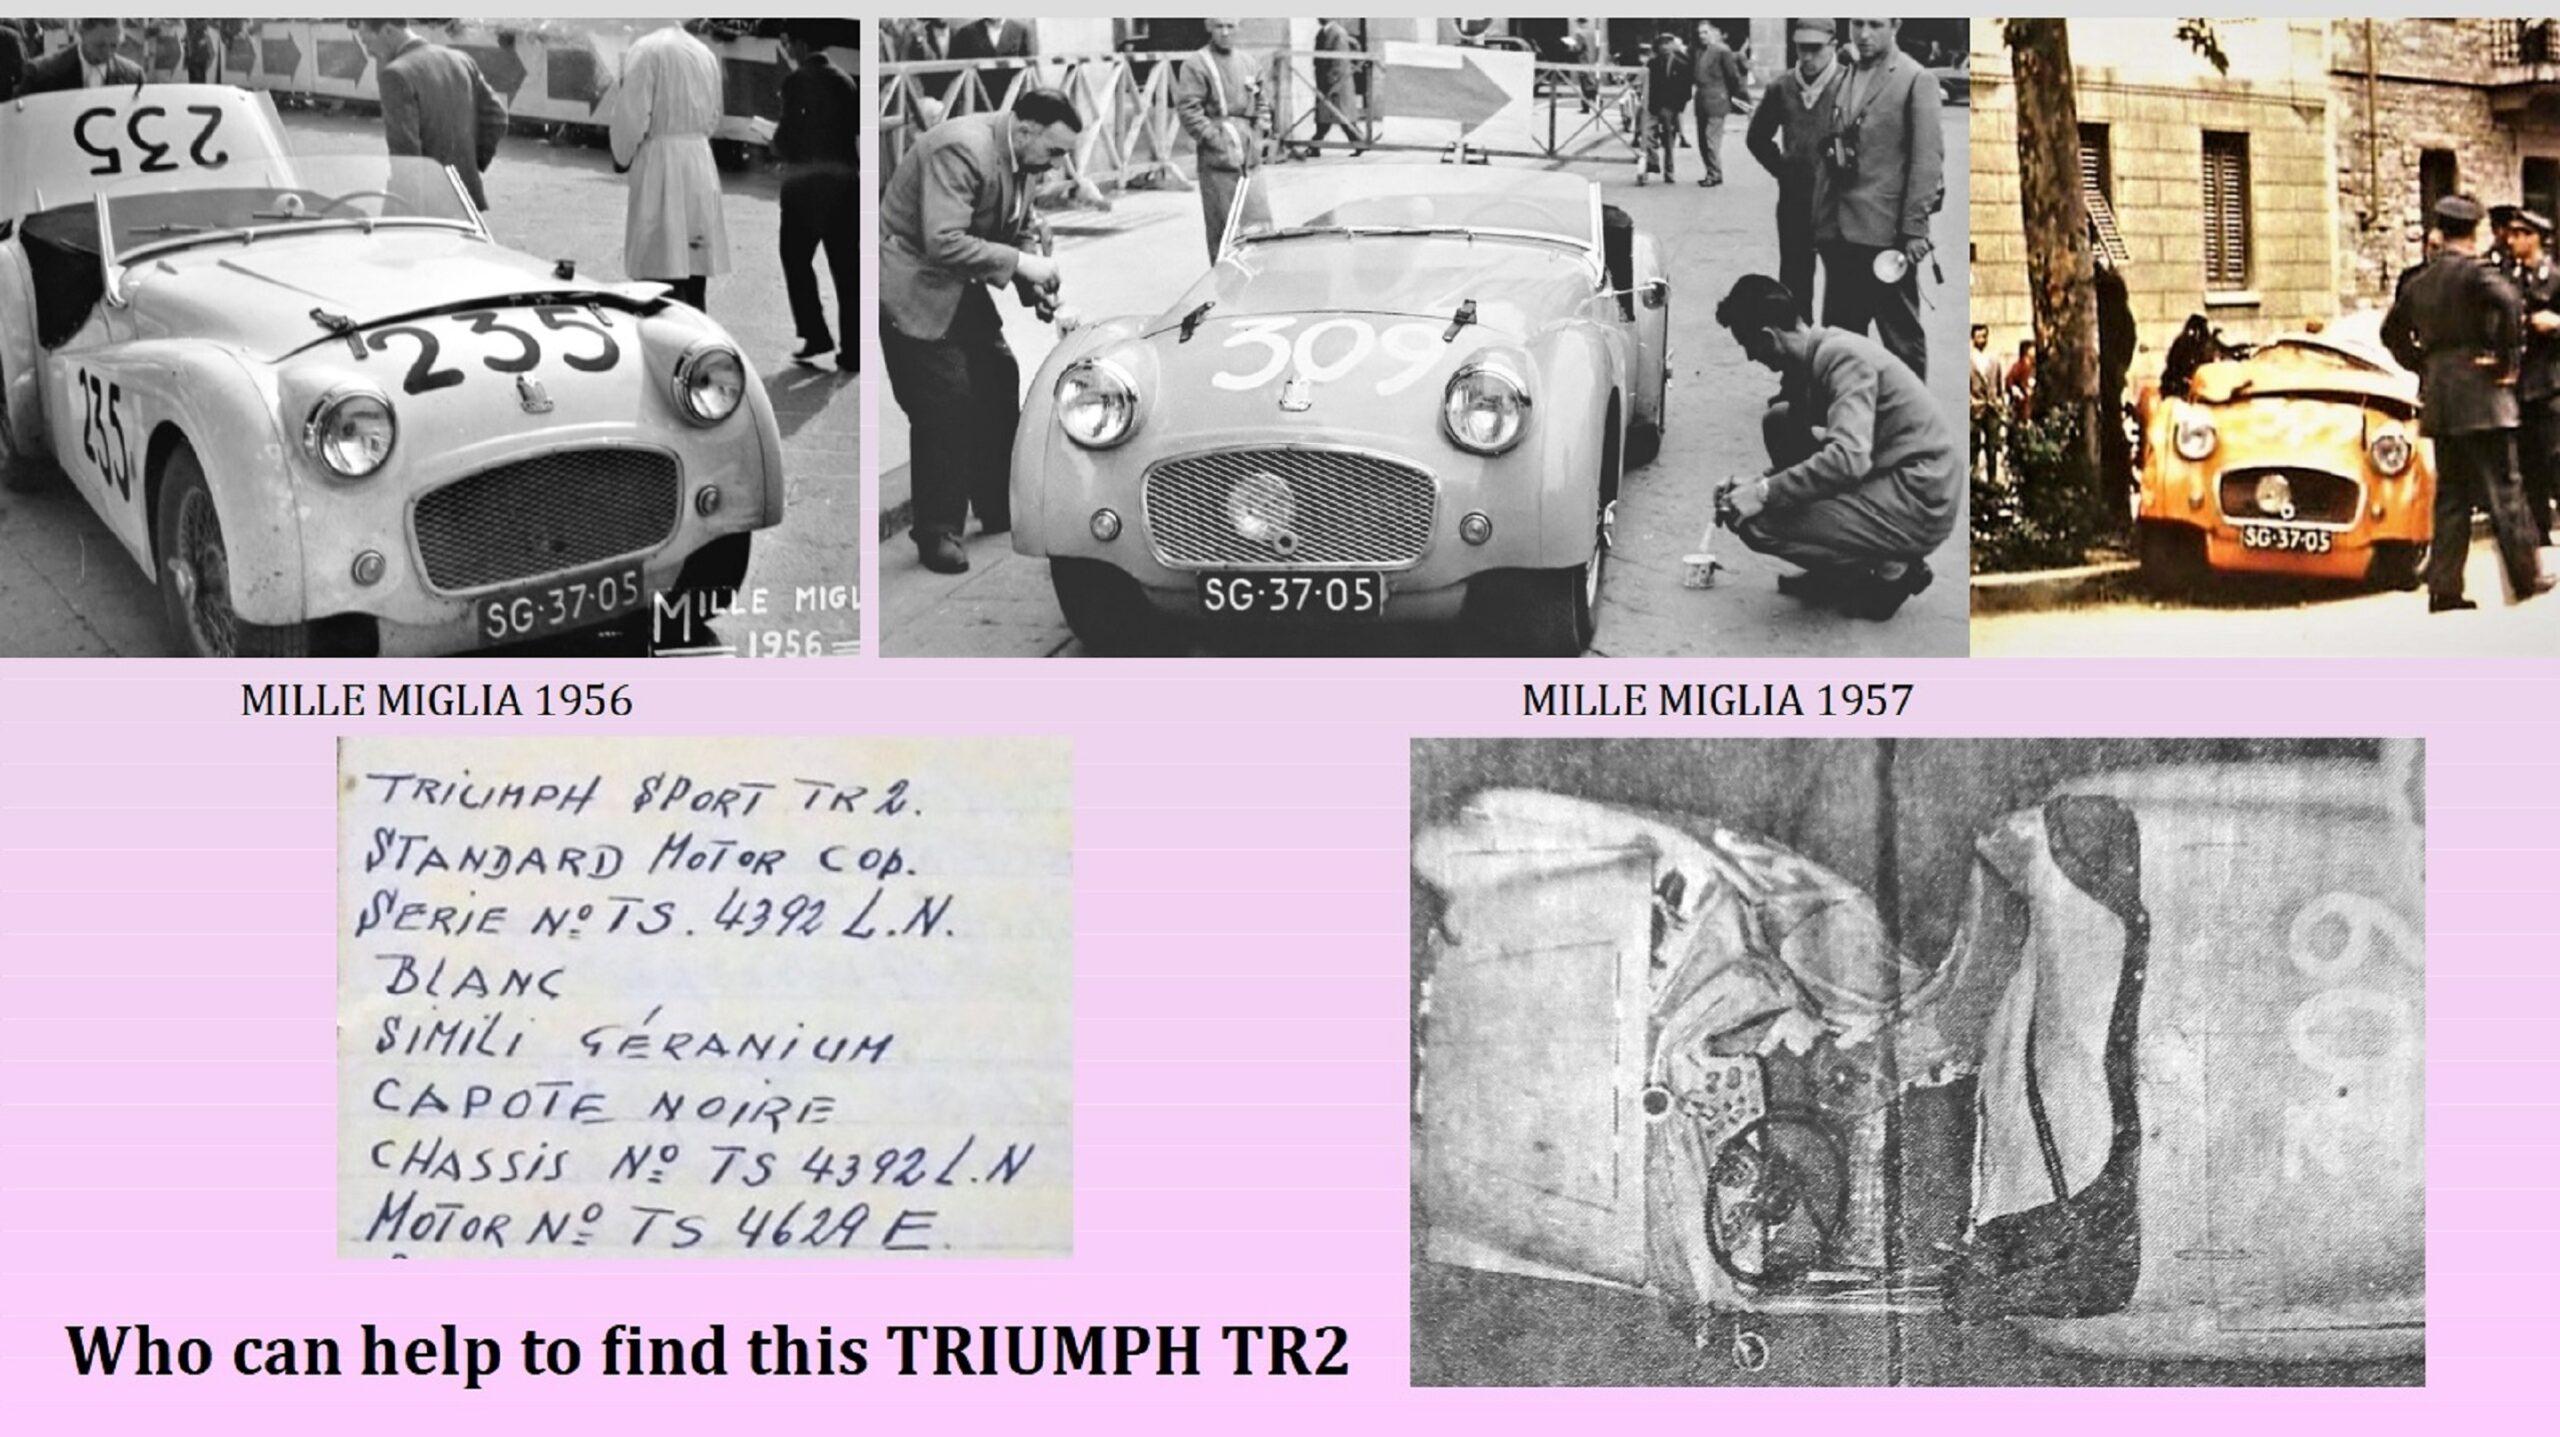 Jan Meesters sucht den Triumph TR von Jos Göttgens